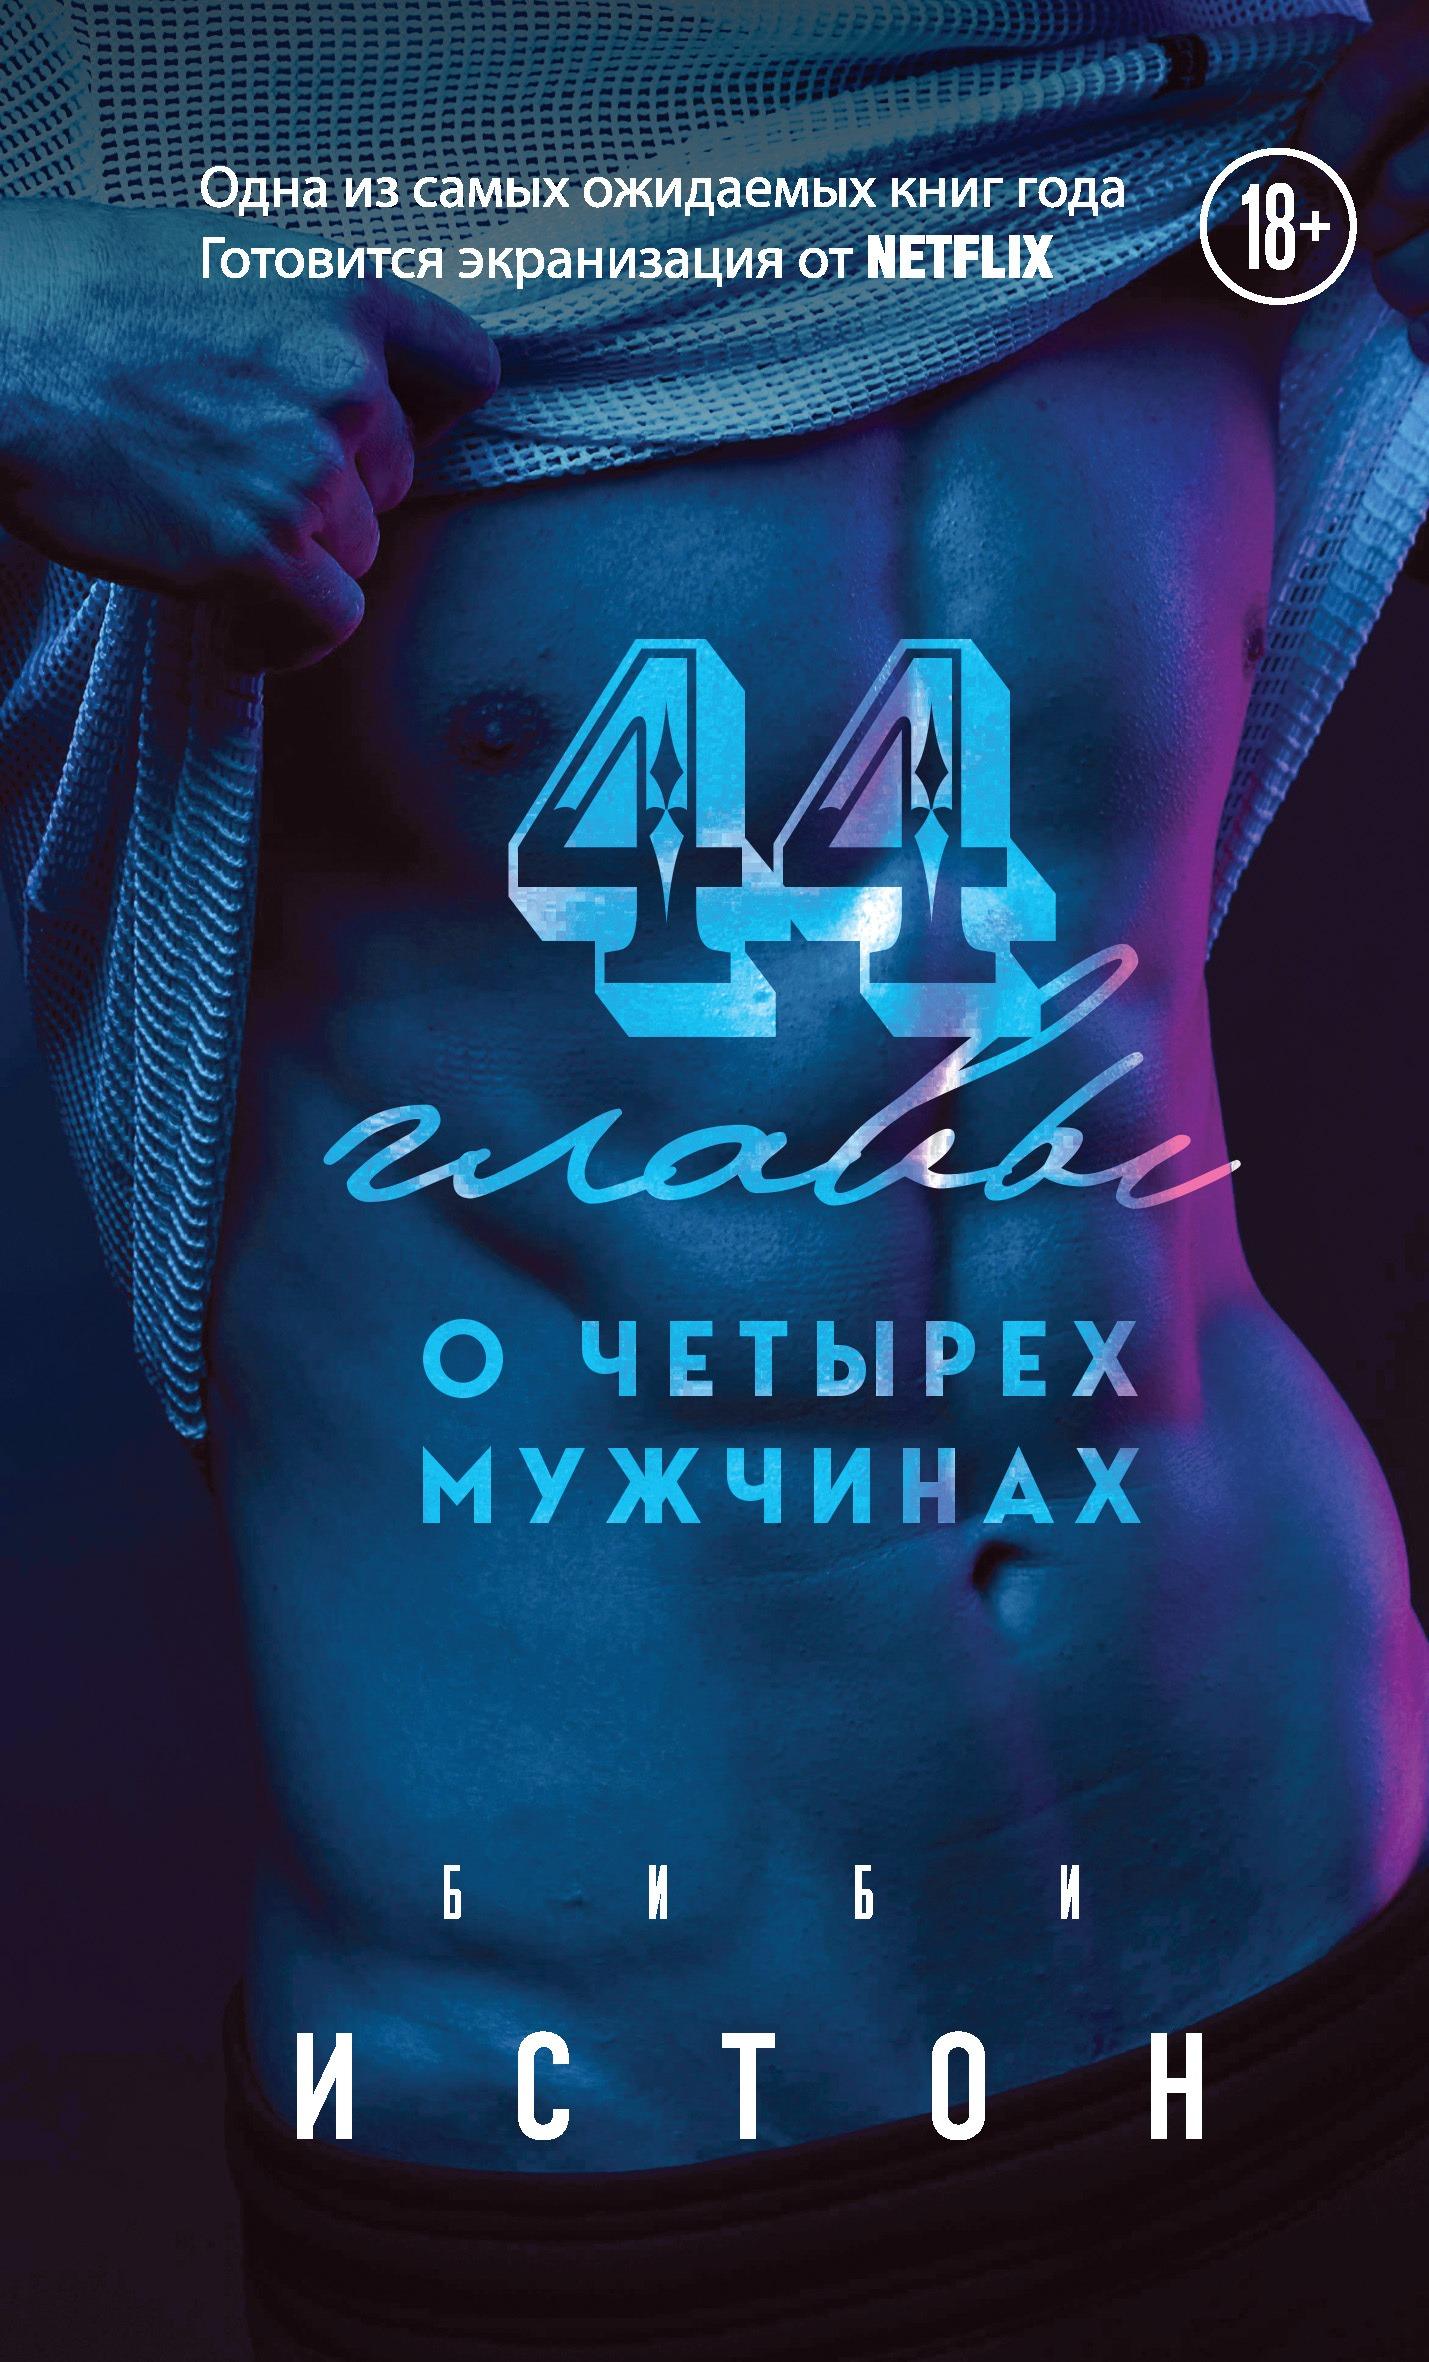 Скачать бесплатно 44 главы о 4 мужчинах